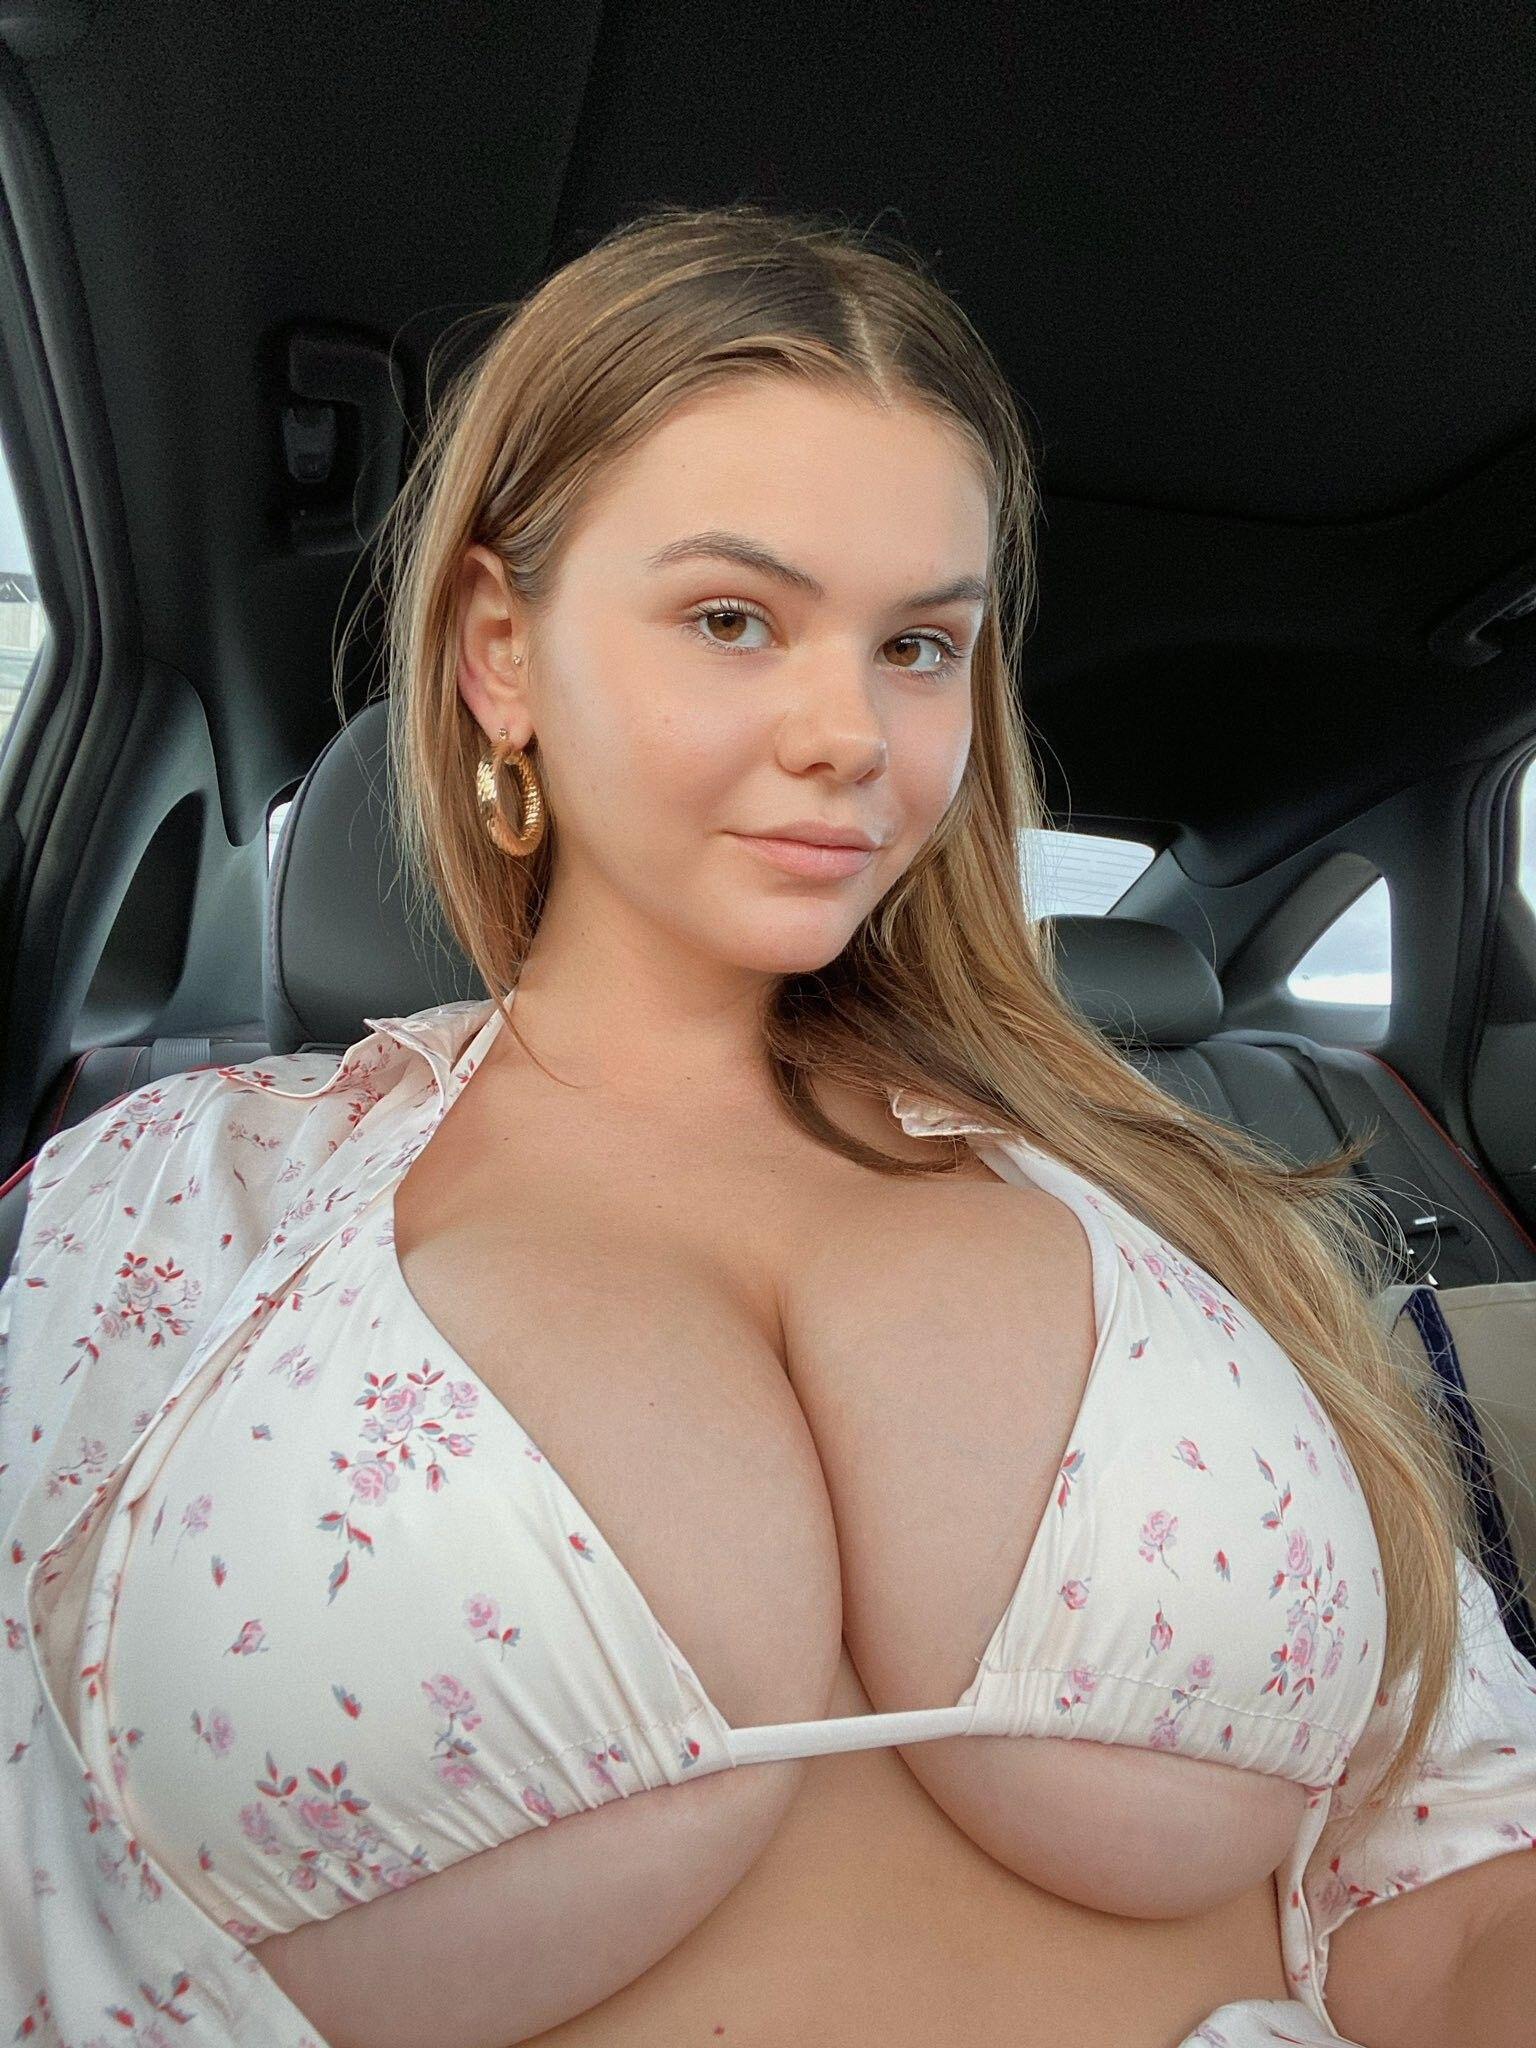 Tetona Ashley y su pack de nudes ricas. Fotos+ 2